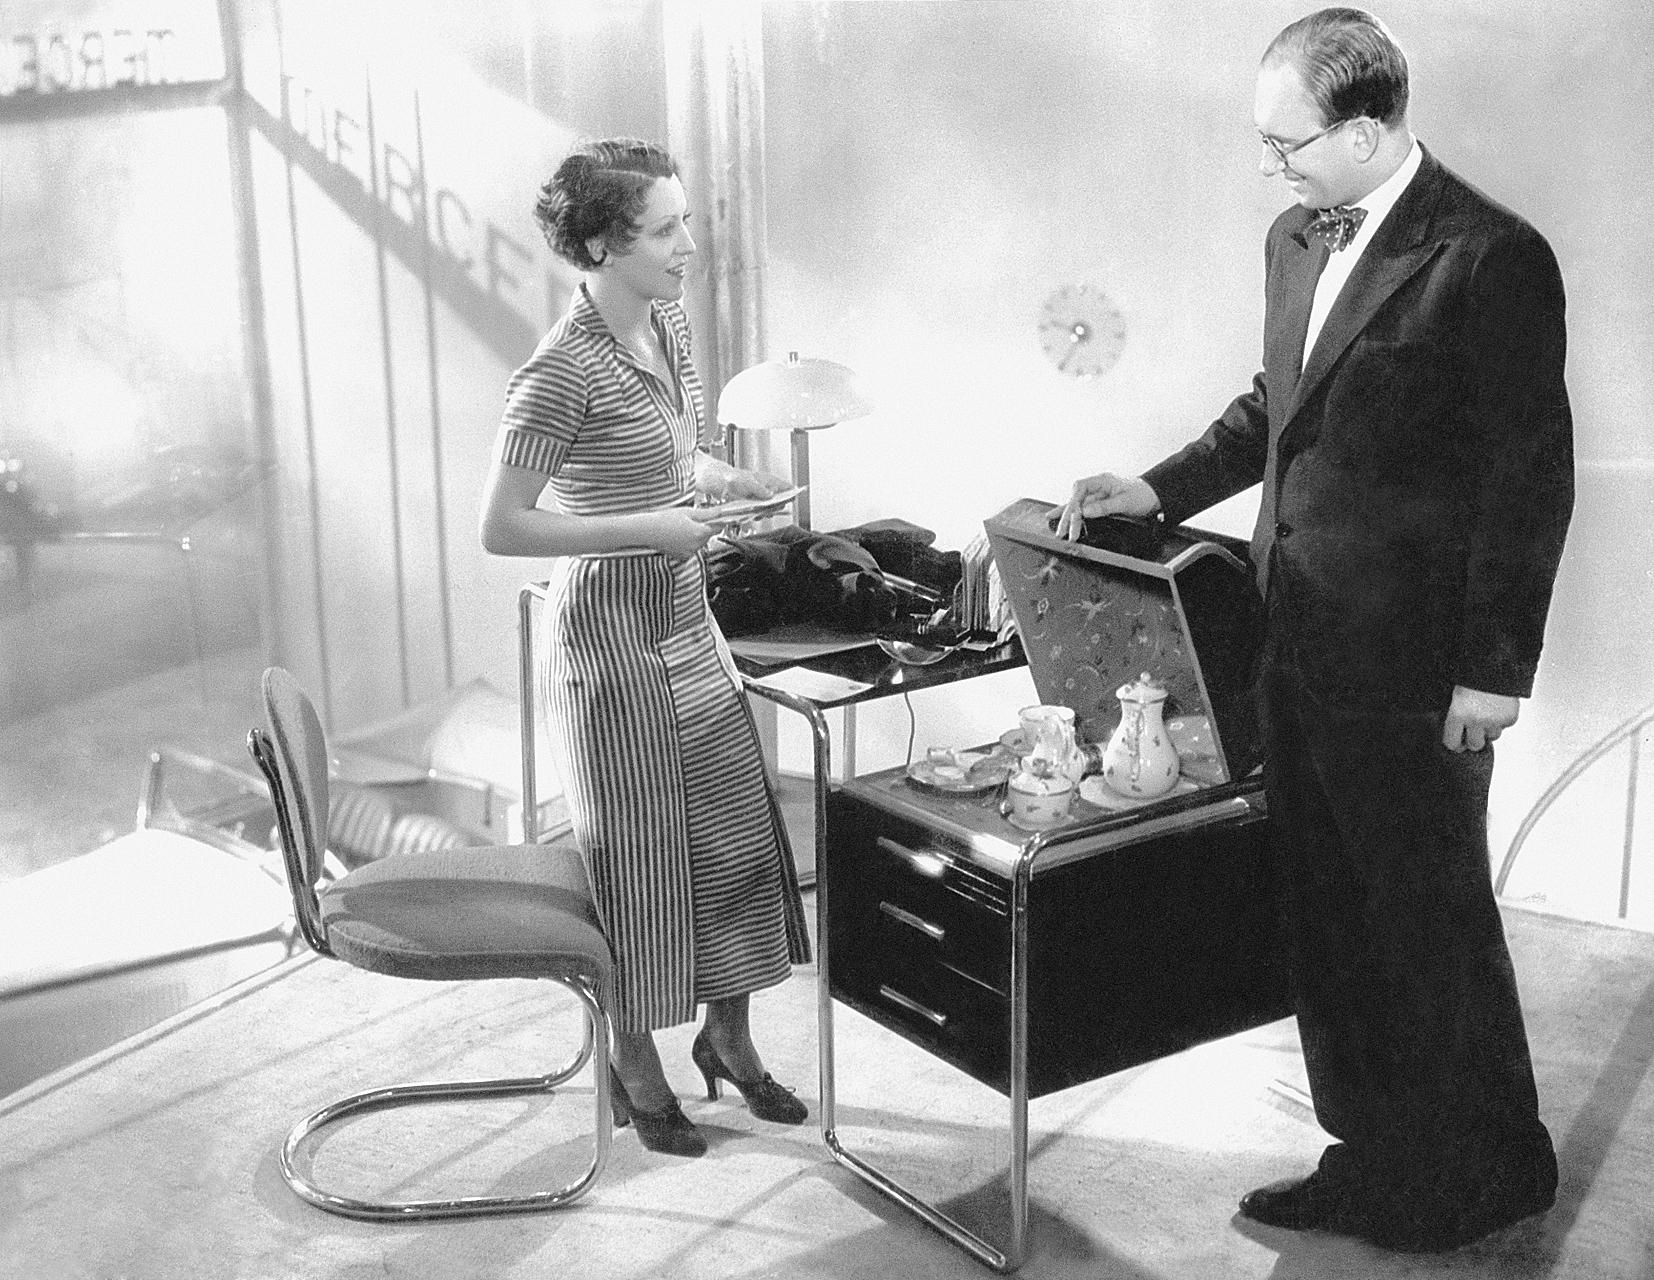 Werner Finck and Käthe von Nagy in Einmal eine große Dame sein (1934)